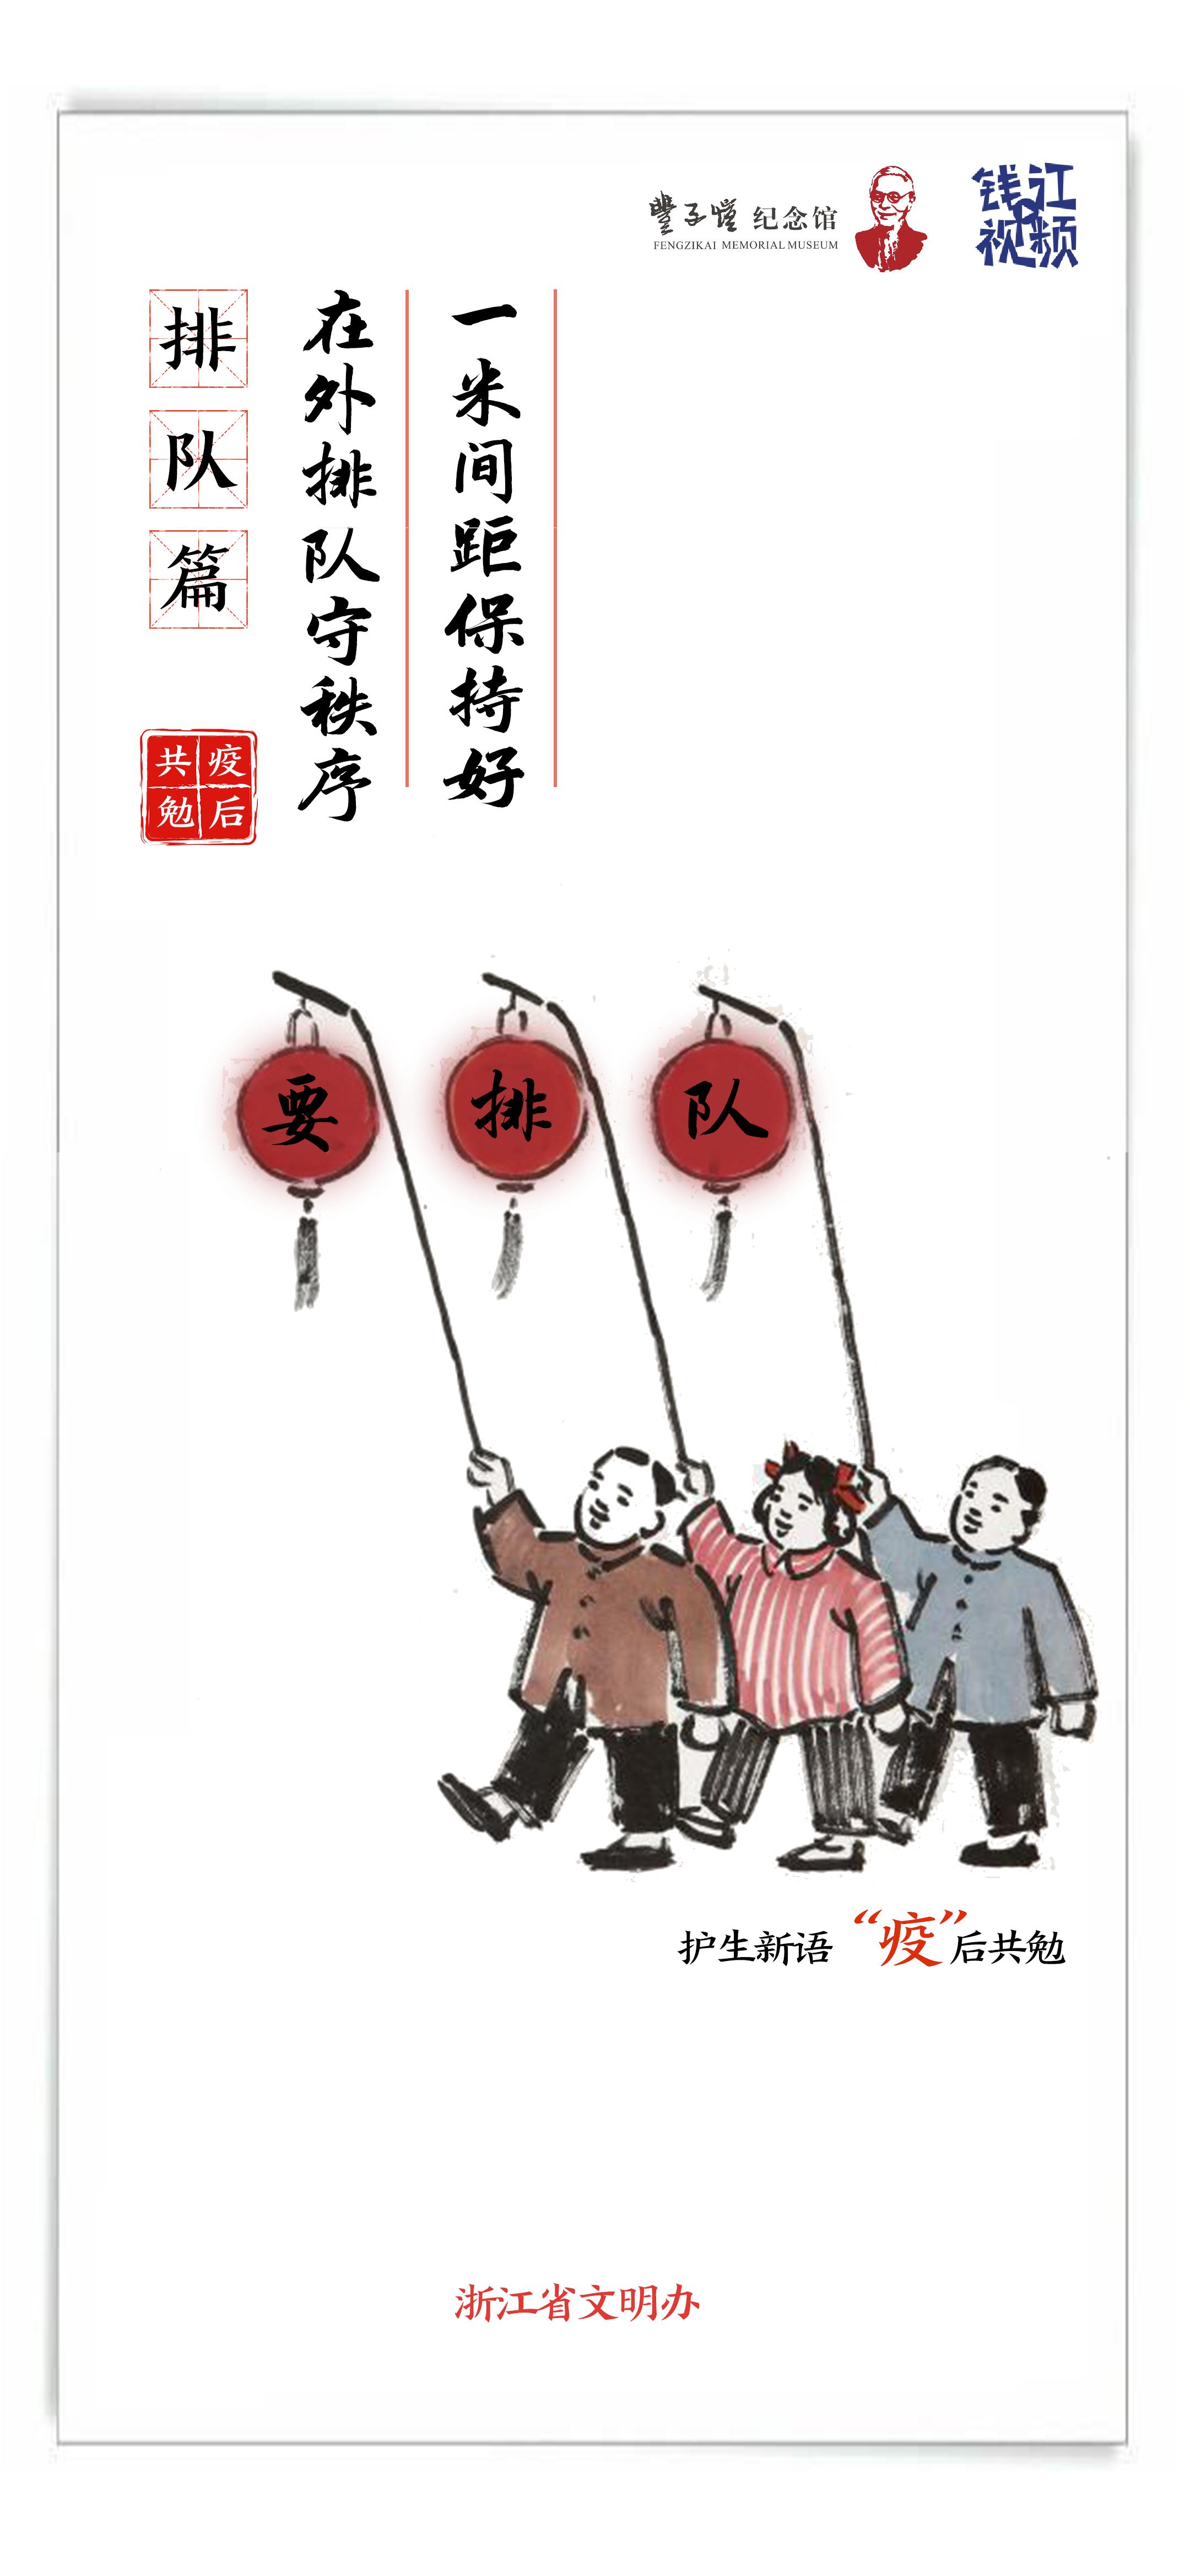 钱江视频-丰子恺主题抗疫公益广告03